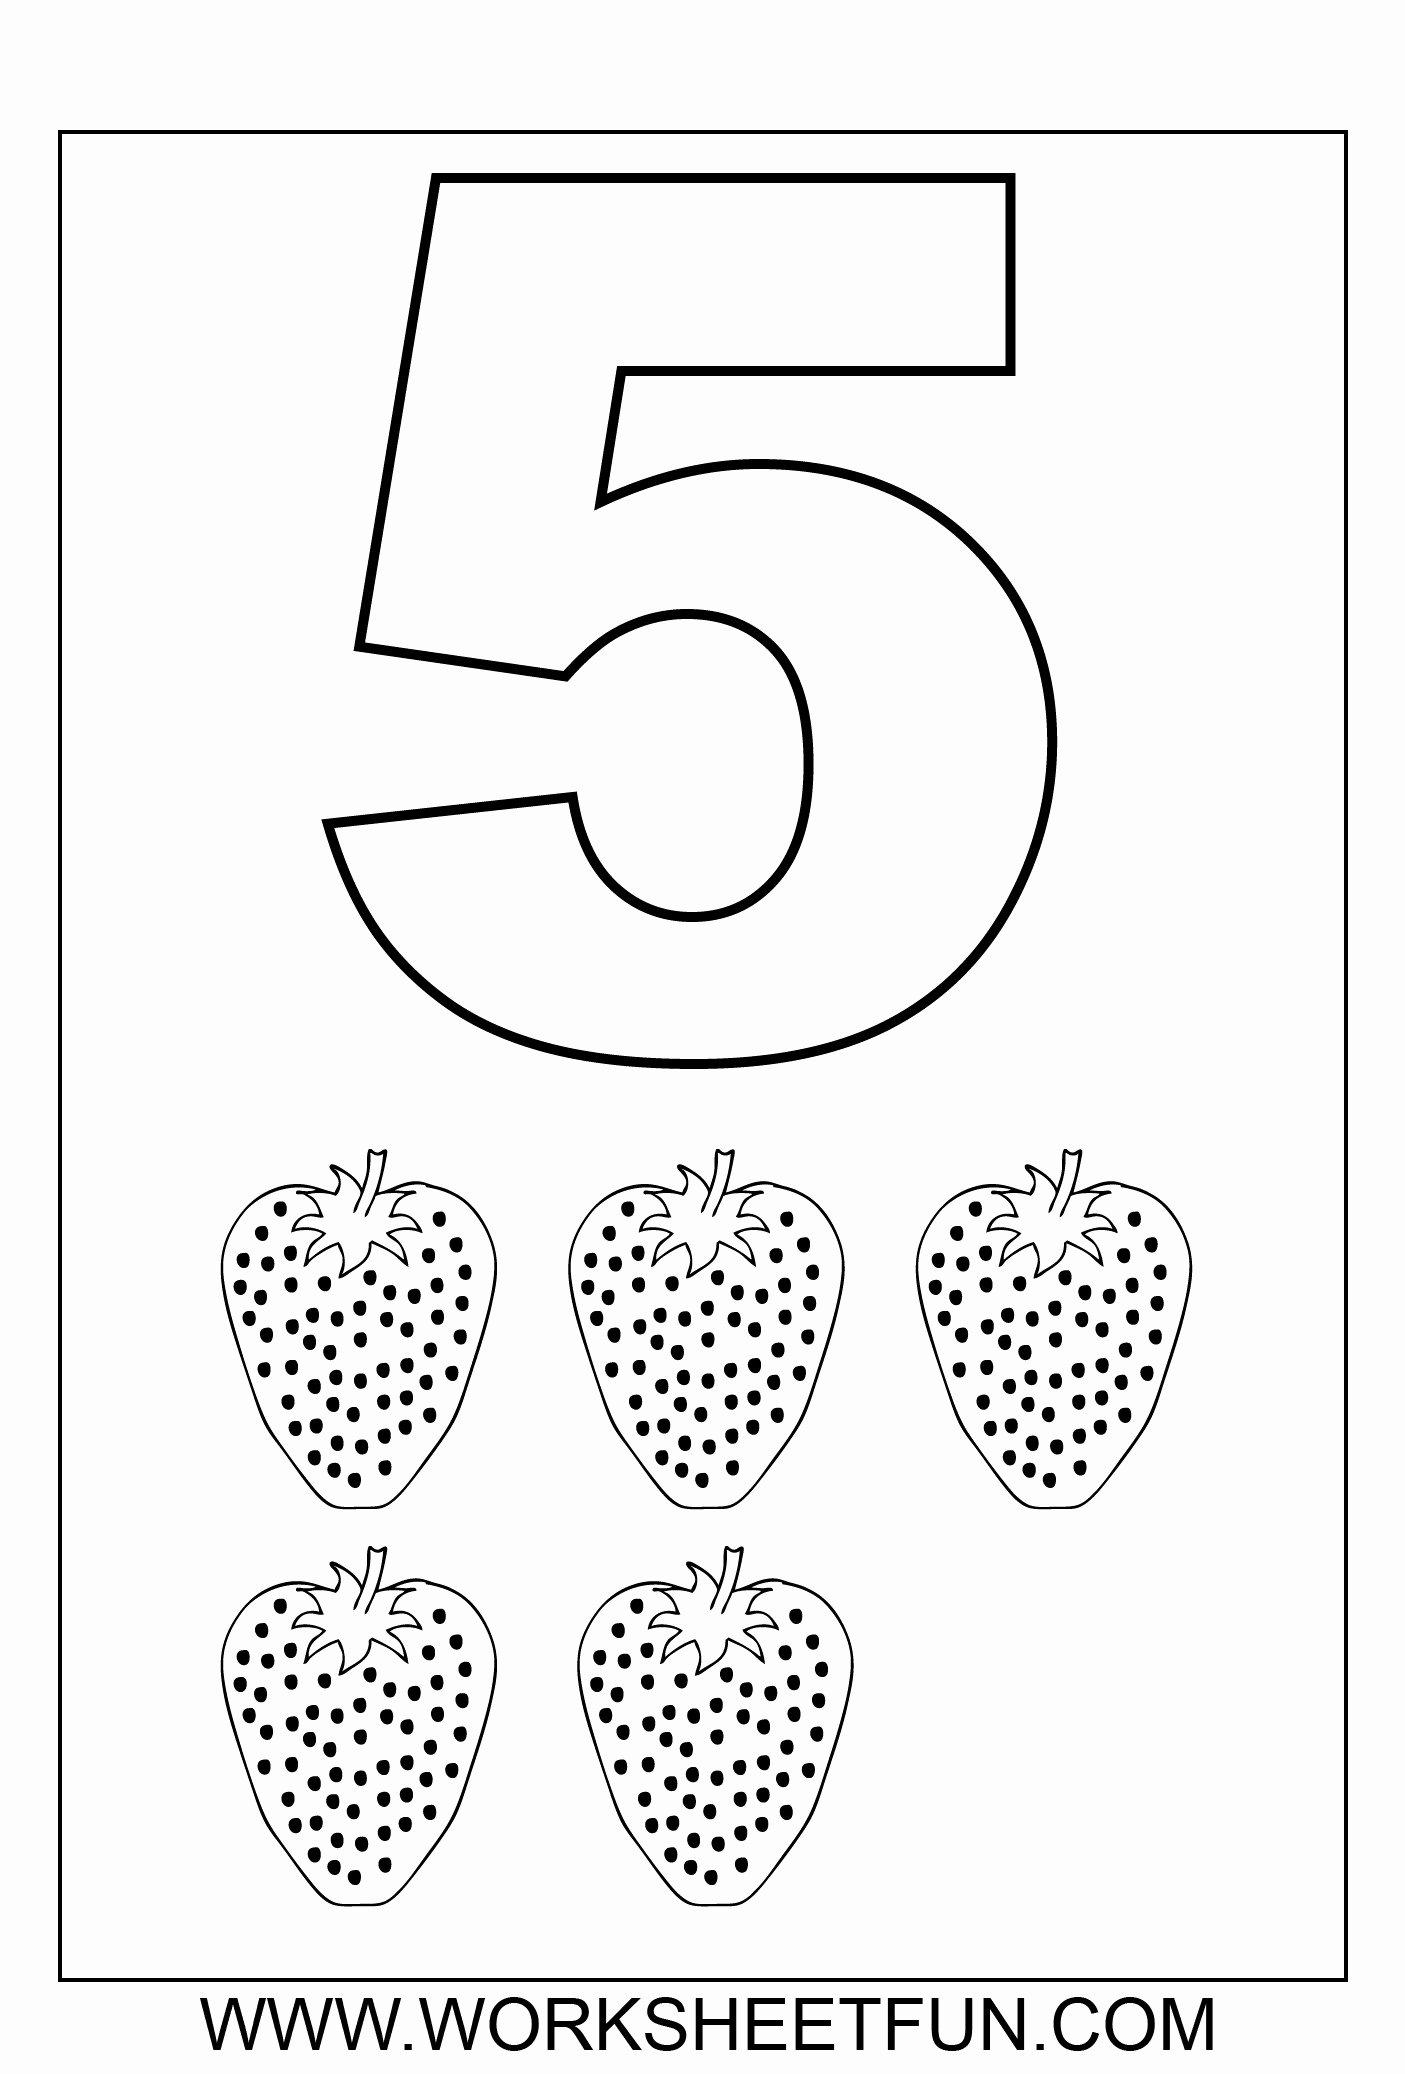 Number 5 Worksheets for Preschoolers Printable Worksheet Preschool Printable Worksheets and Activities forr